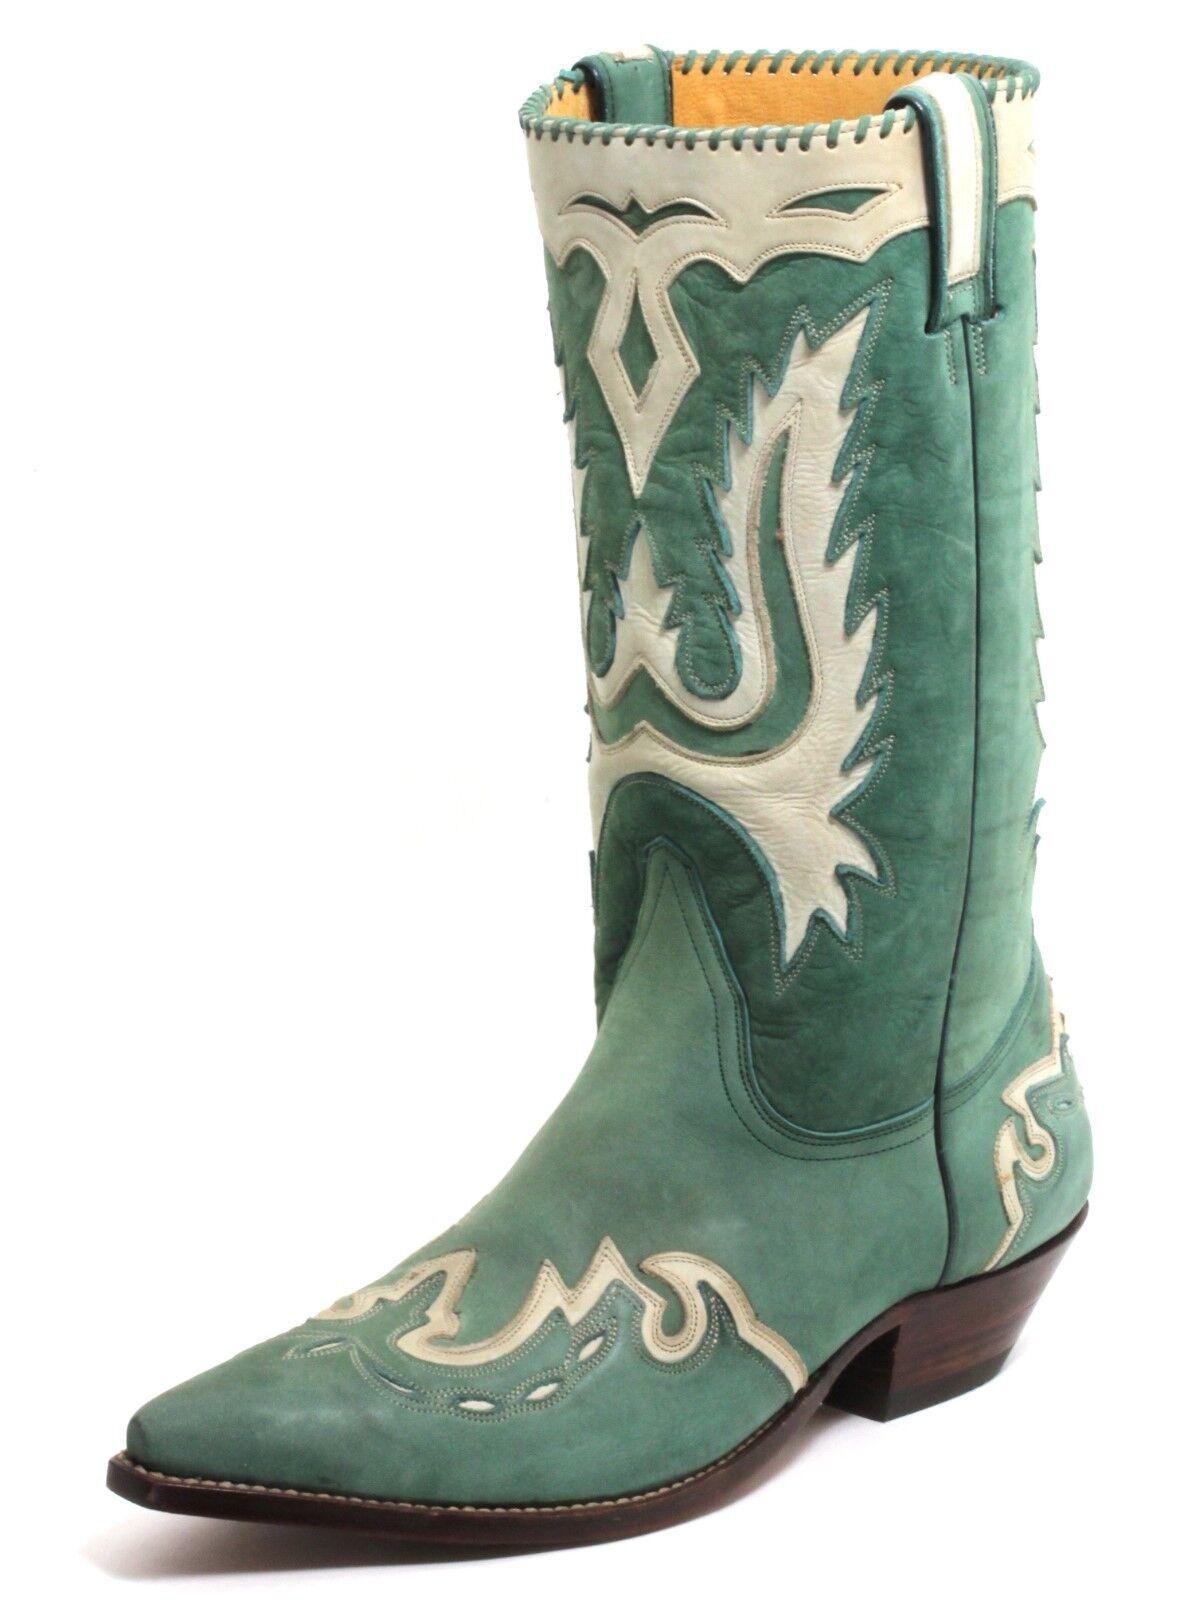 100 Cowboystiefel Westernstiefel Texas Stiefel Leder Catalan Style Grün Sancho 45